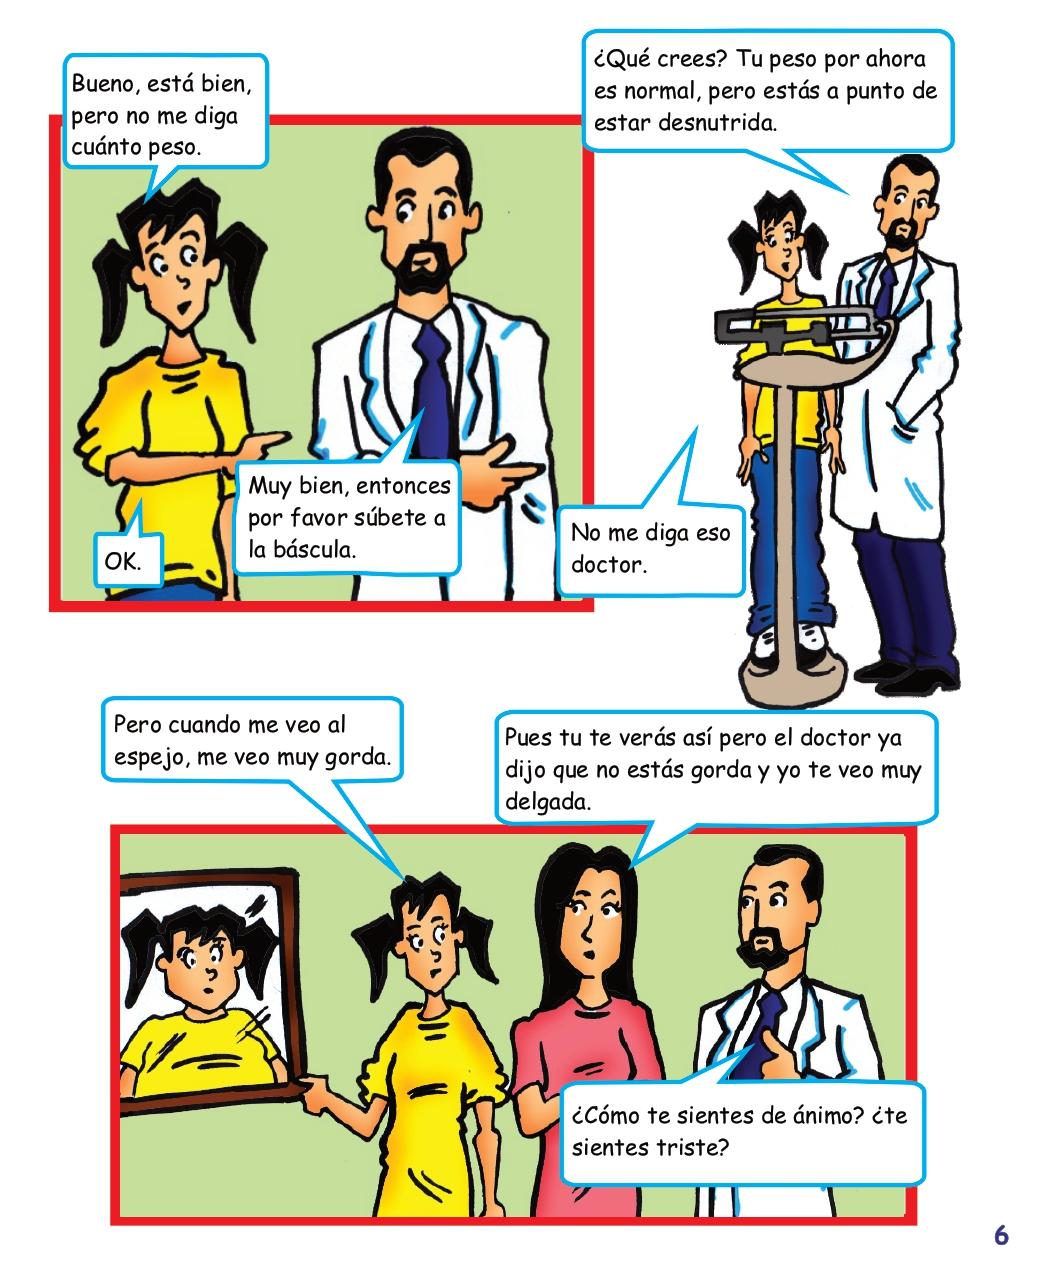 Psicología padres Reyhan cap2 digital_page-0009